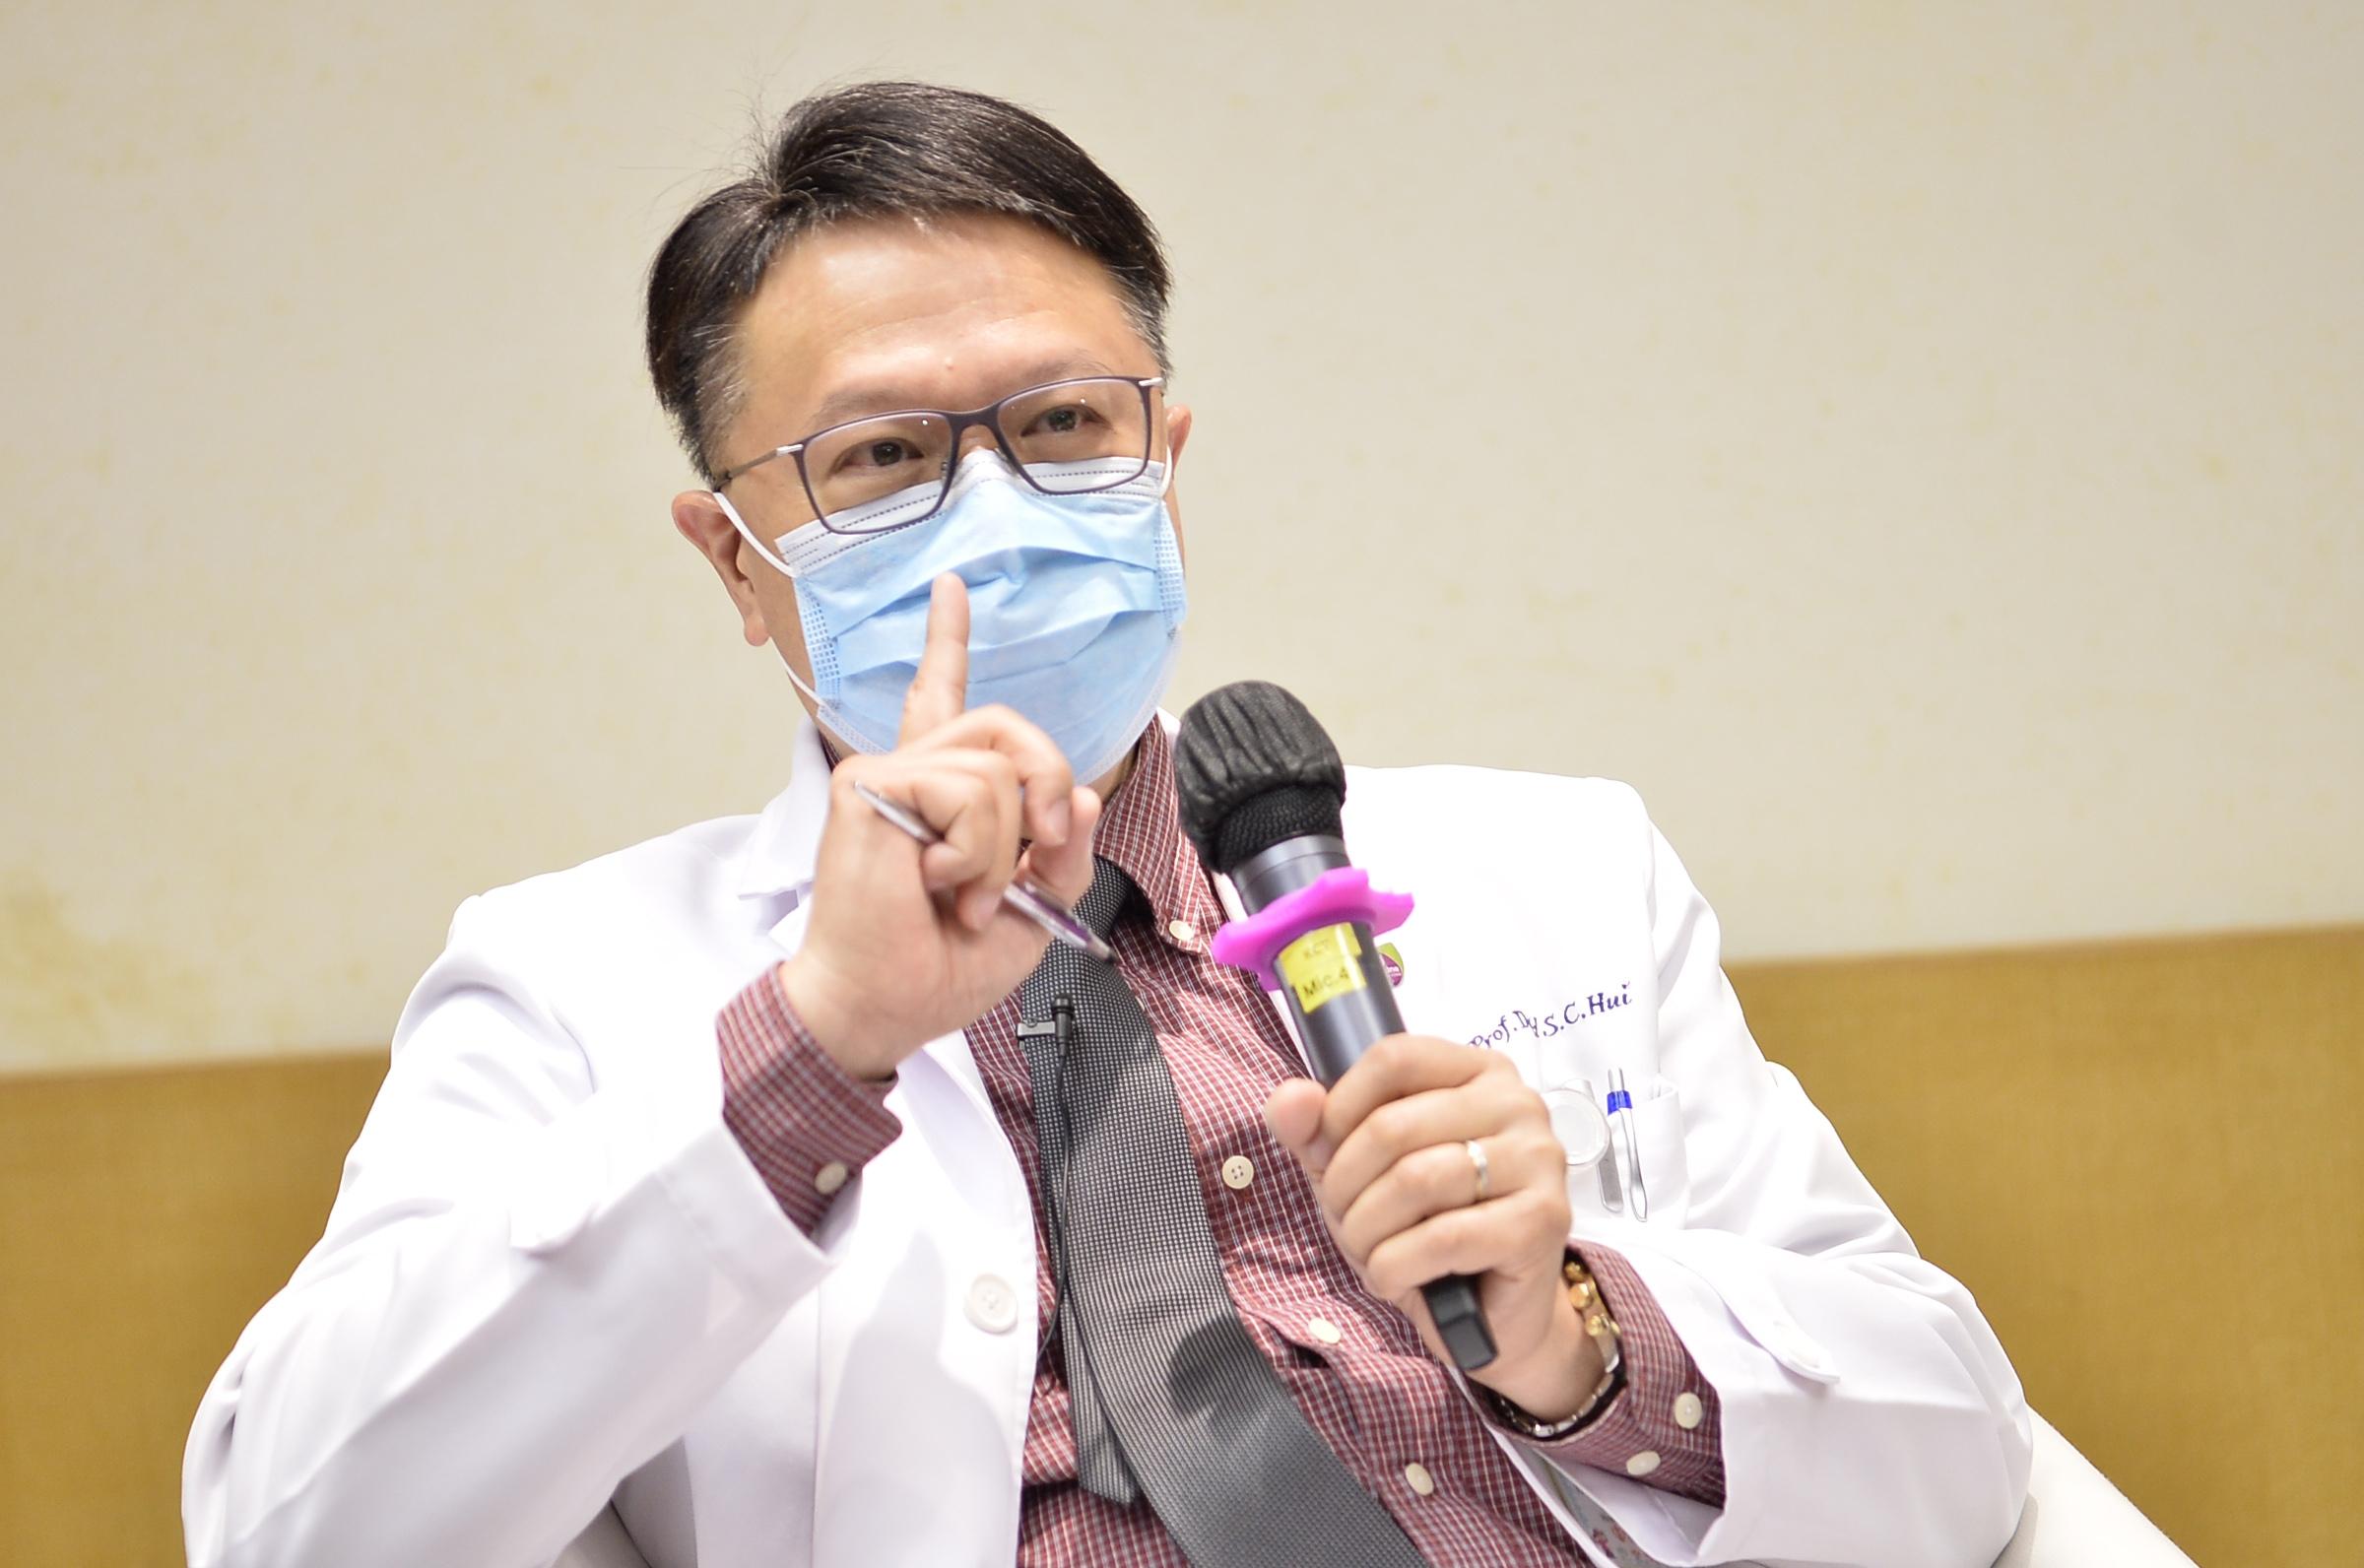 许树昌教授指出,私家医生及公立医院可采用抽血方法,为有持续上呼吸道感染症状及发烧的病人及早确诊是否感染病毒性肺炎。